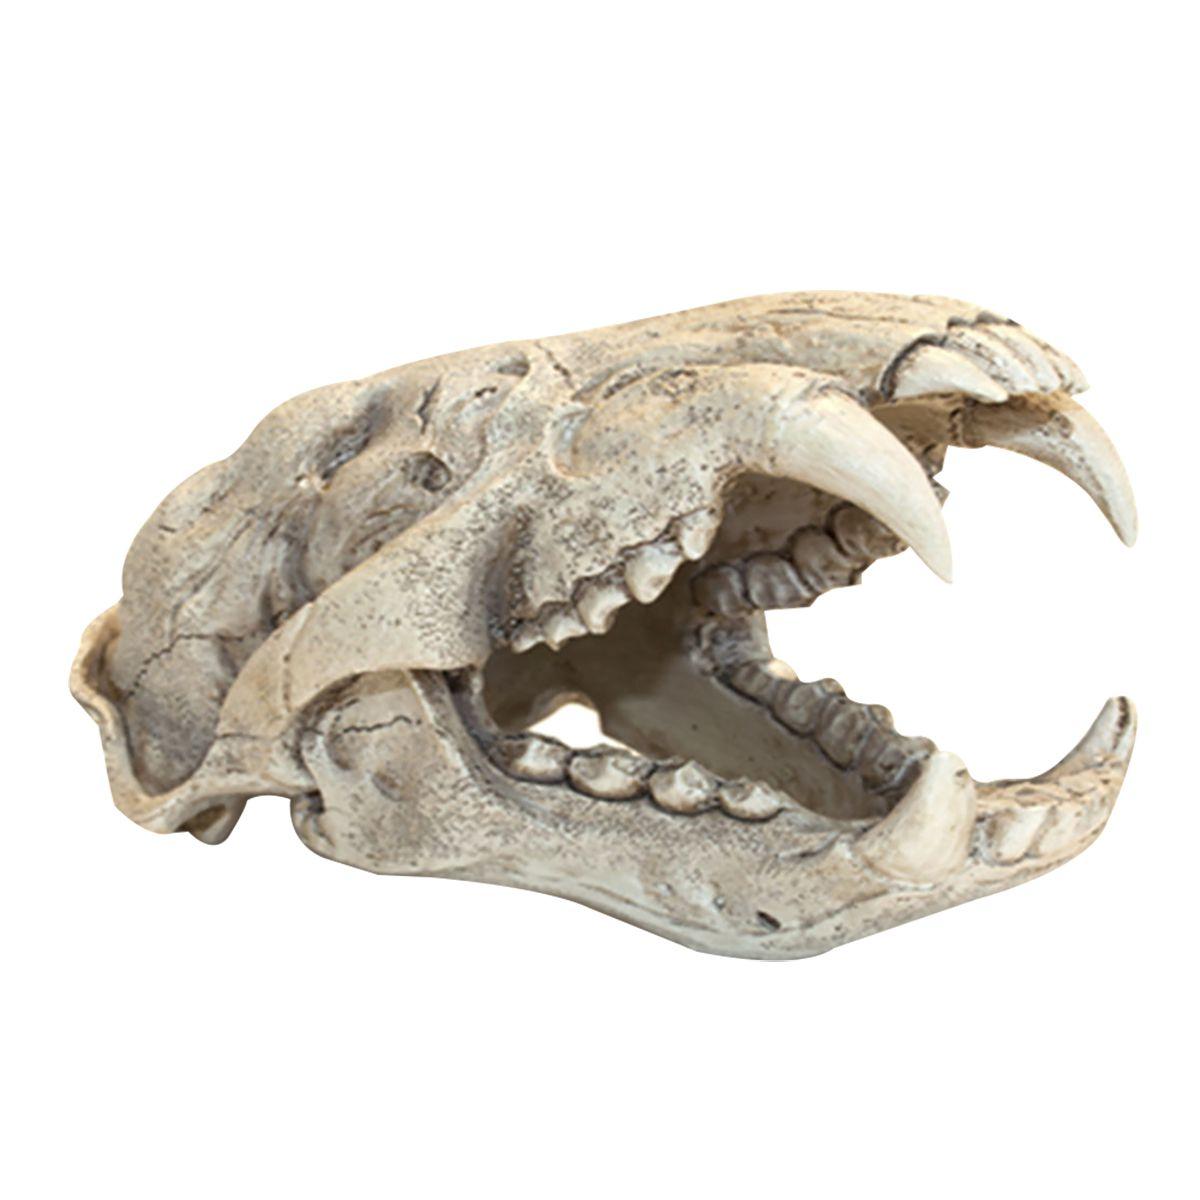 SOMA Enfeite de Resina Esqueleto Cabeça de Puma - 054099